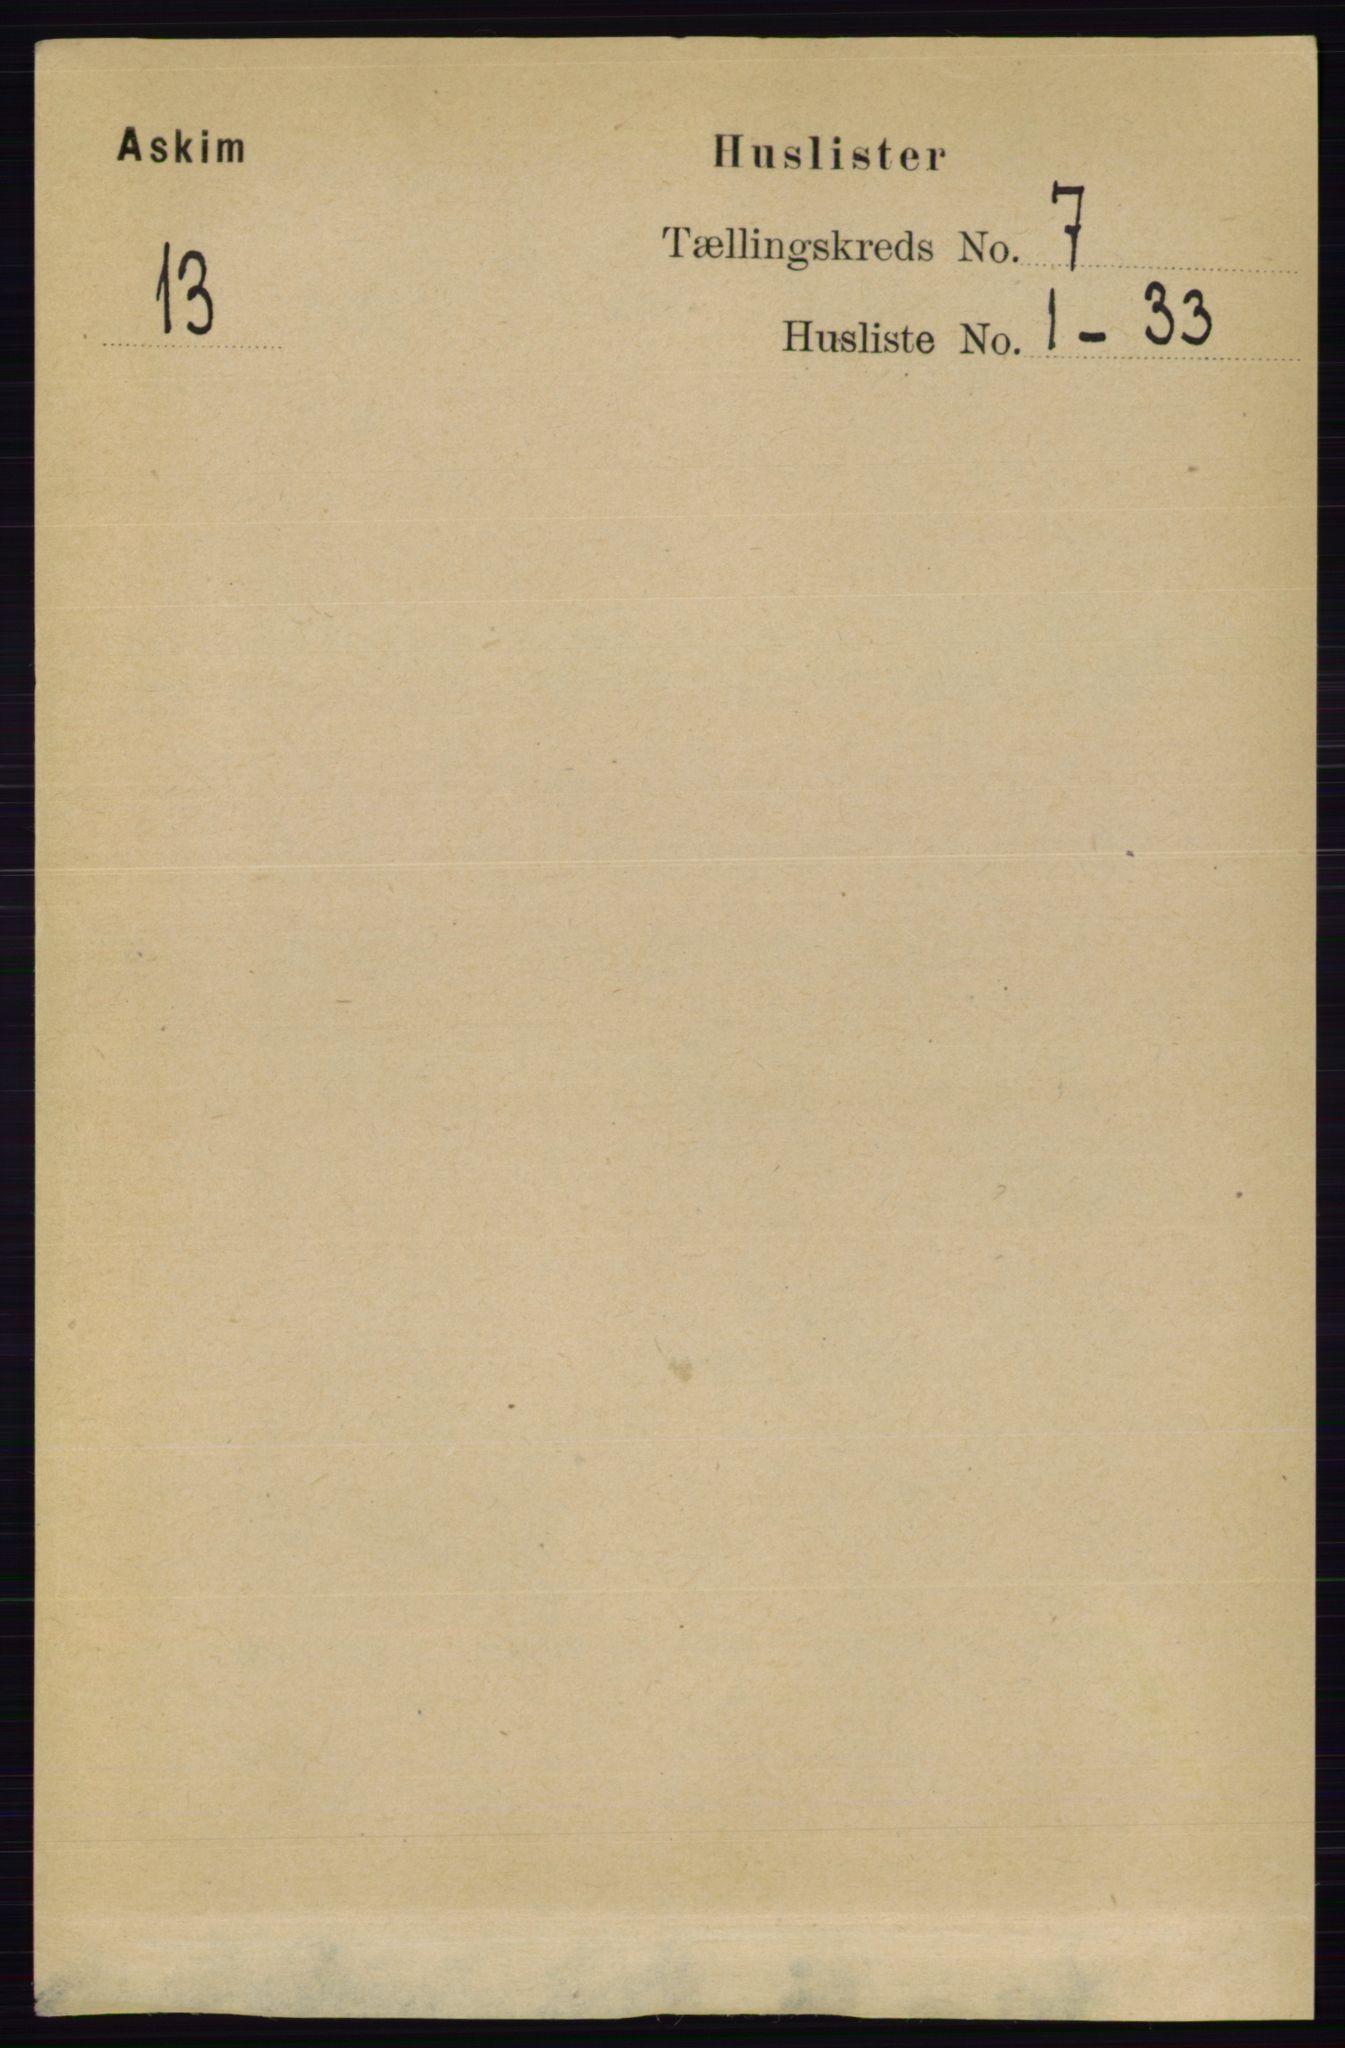 RA, Folketelling 1891 for 0124 Askim herred, 1891, s. 978